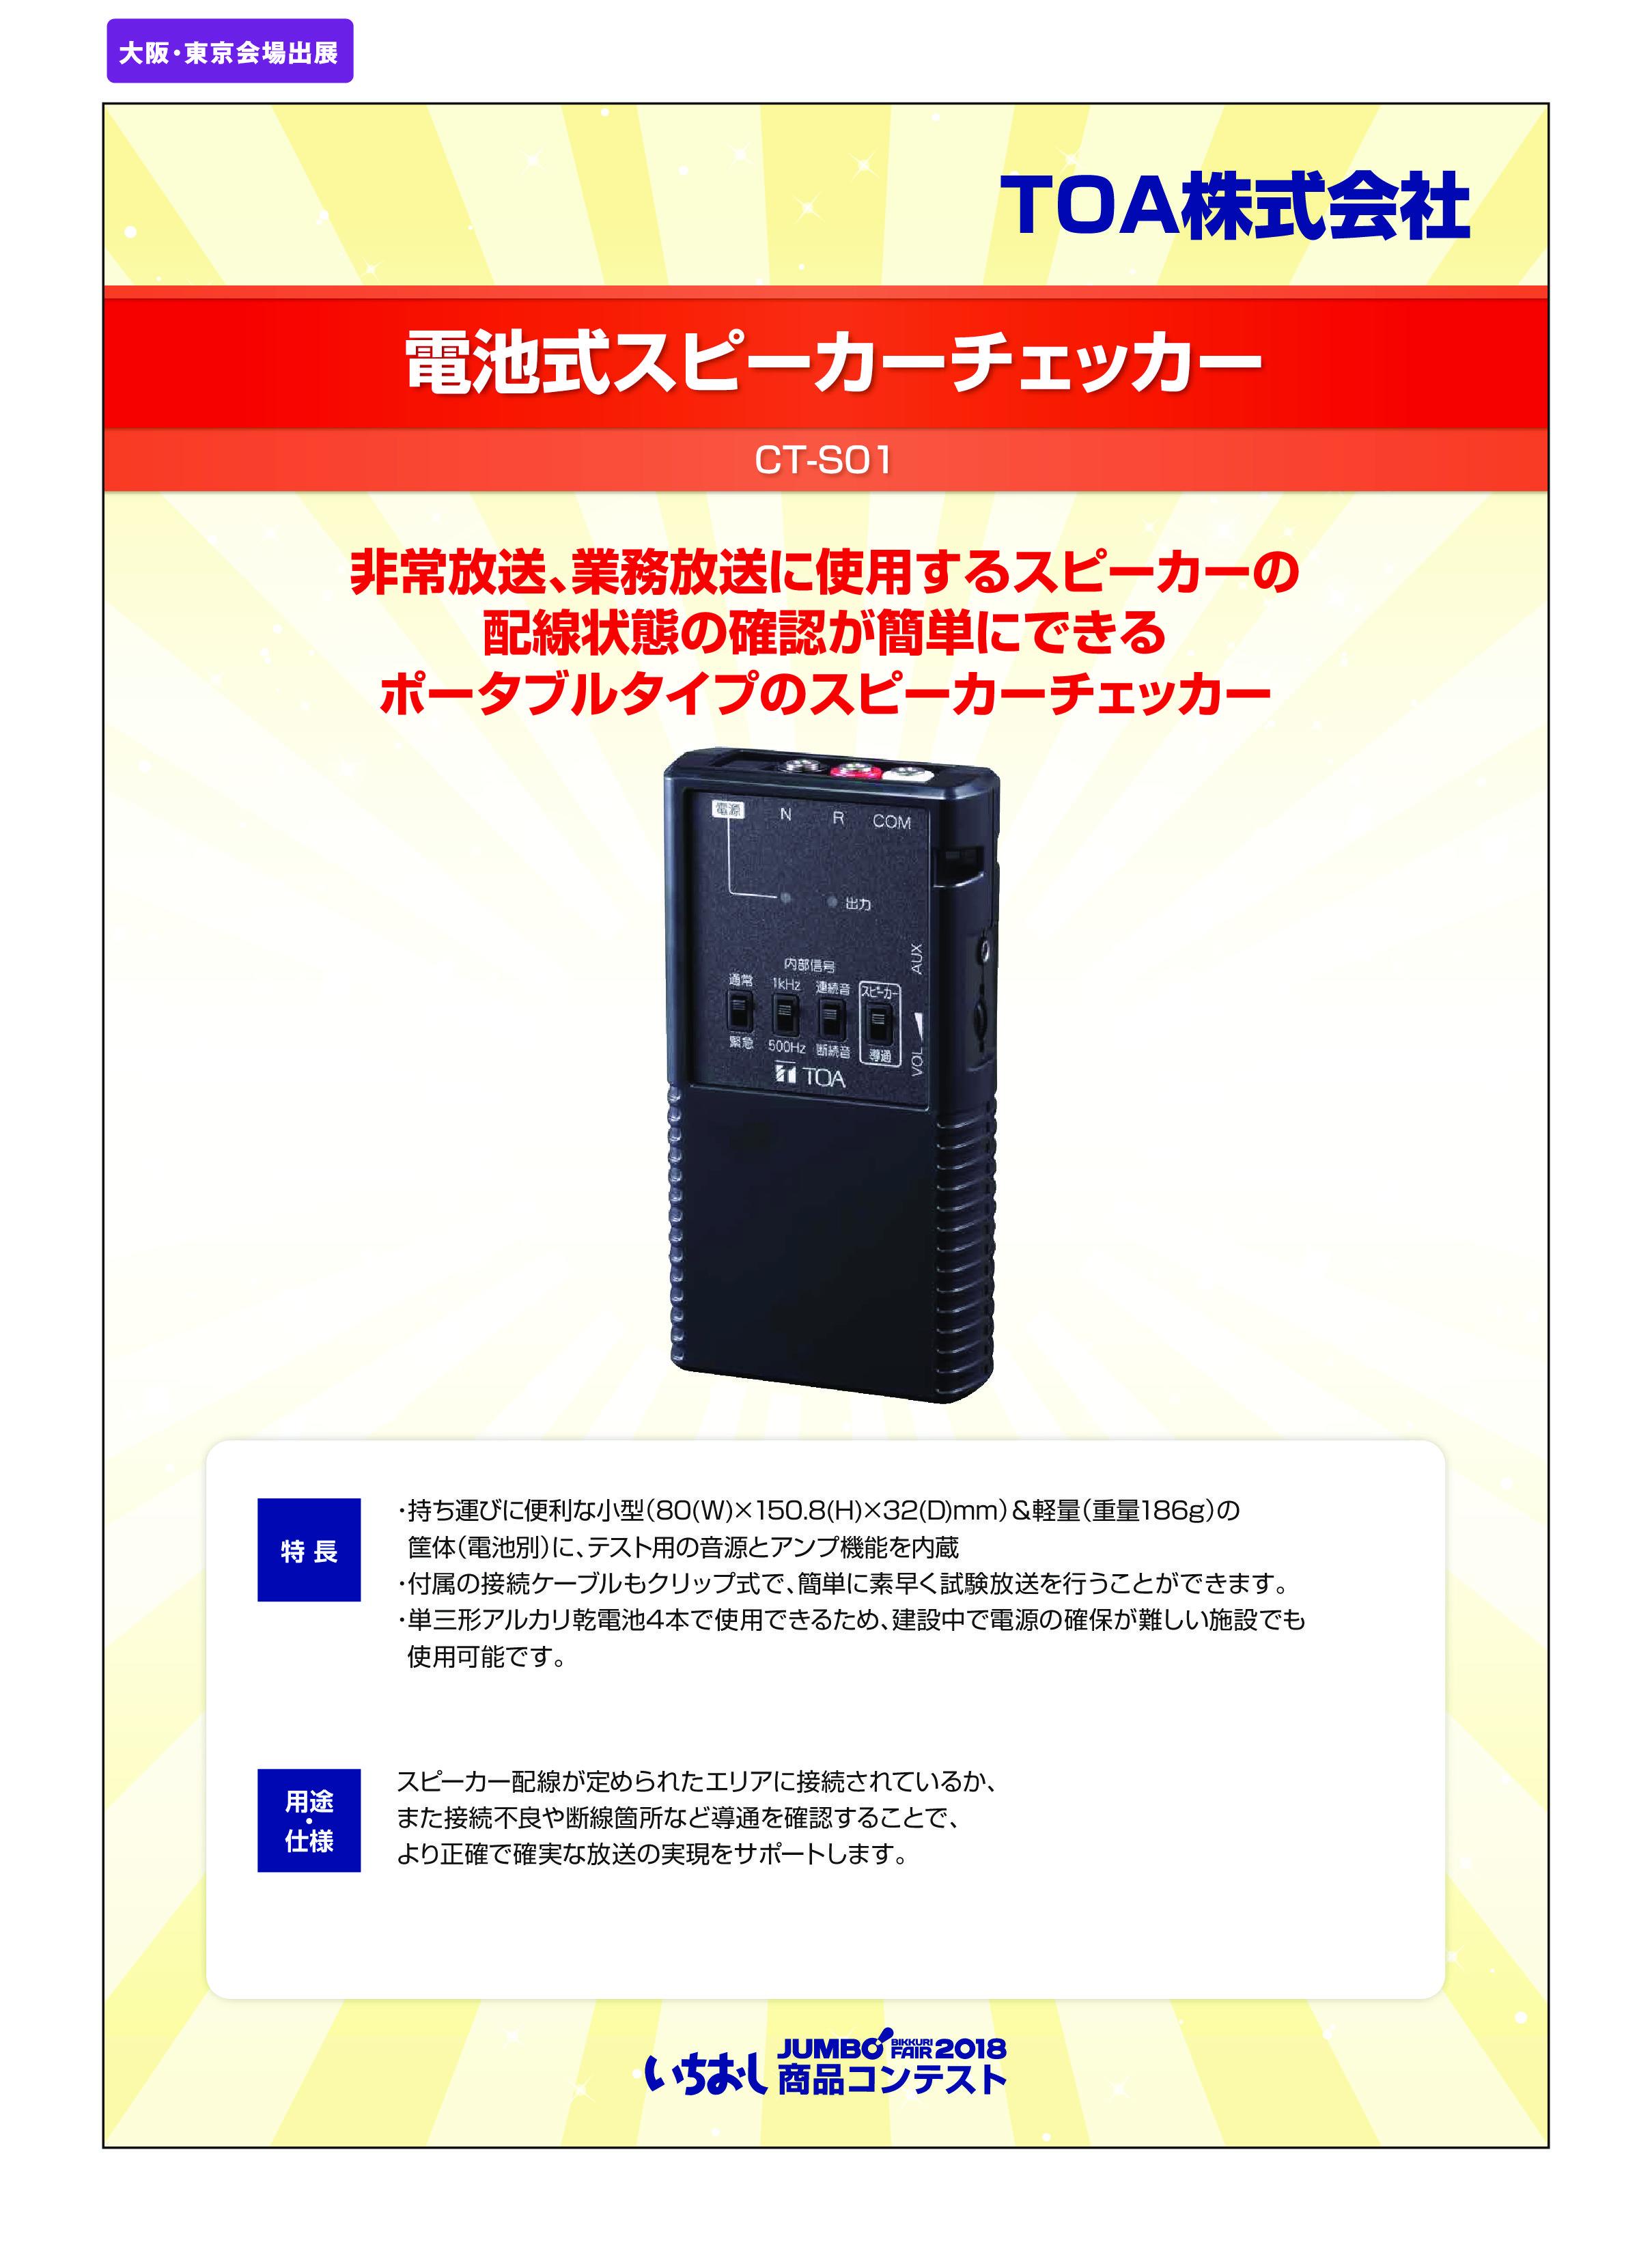 「電池式スピーカーチェッカー」TOA株式会社の画像